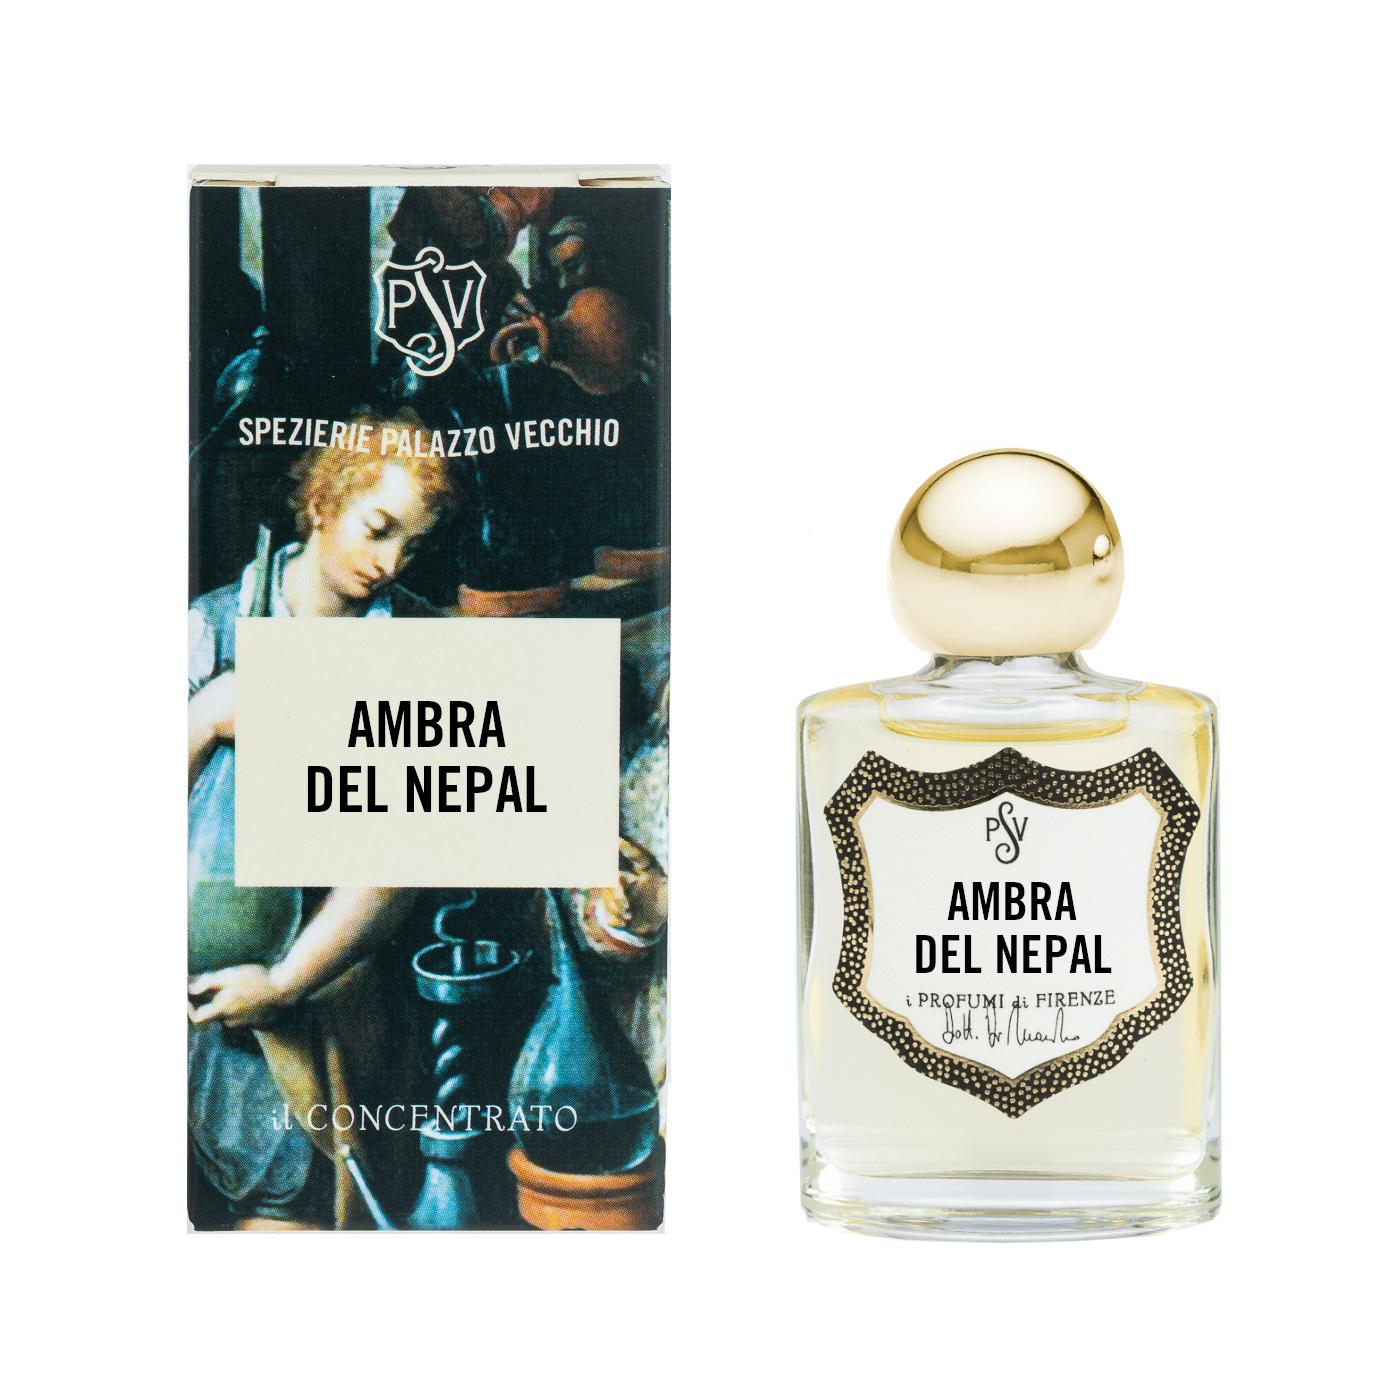 AMBRA DEL NEPAL - Il Concentrato-3933